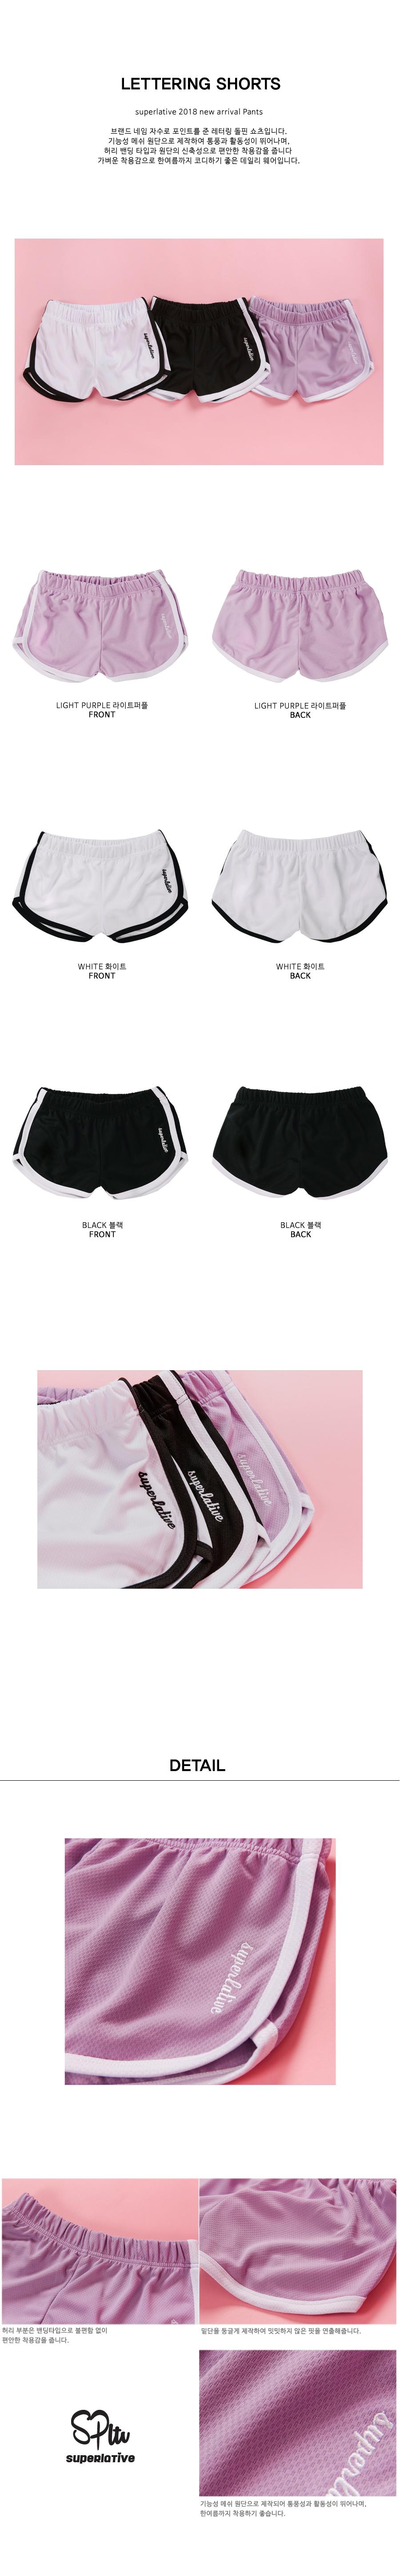 lettering_shorts.jpg